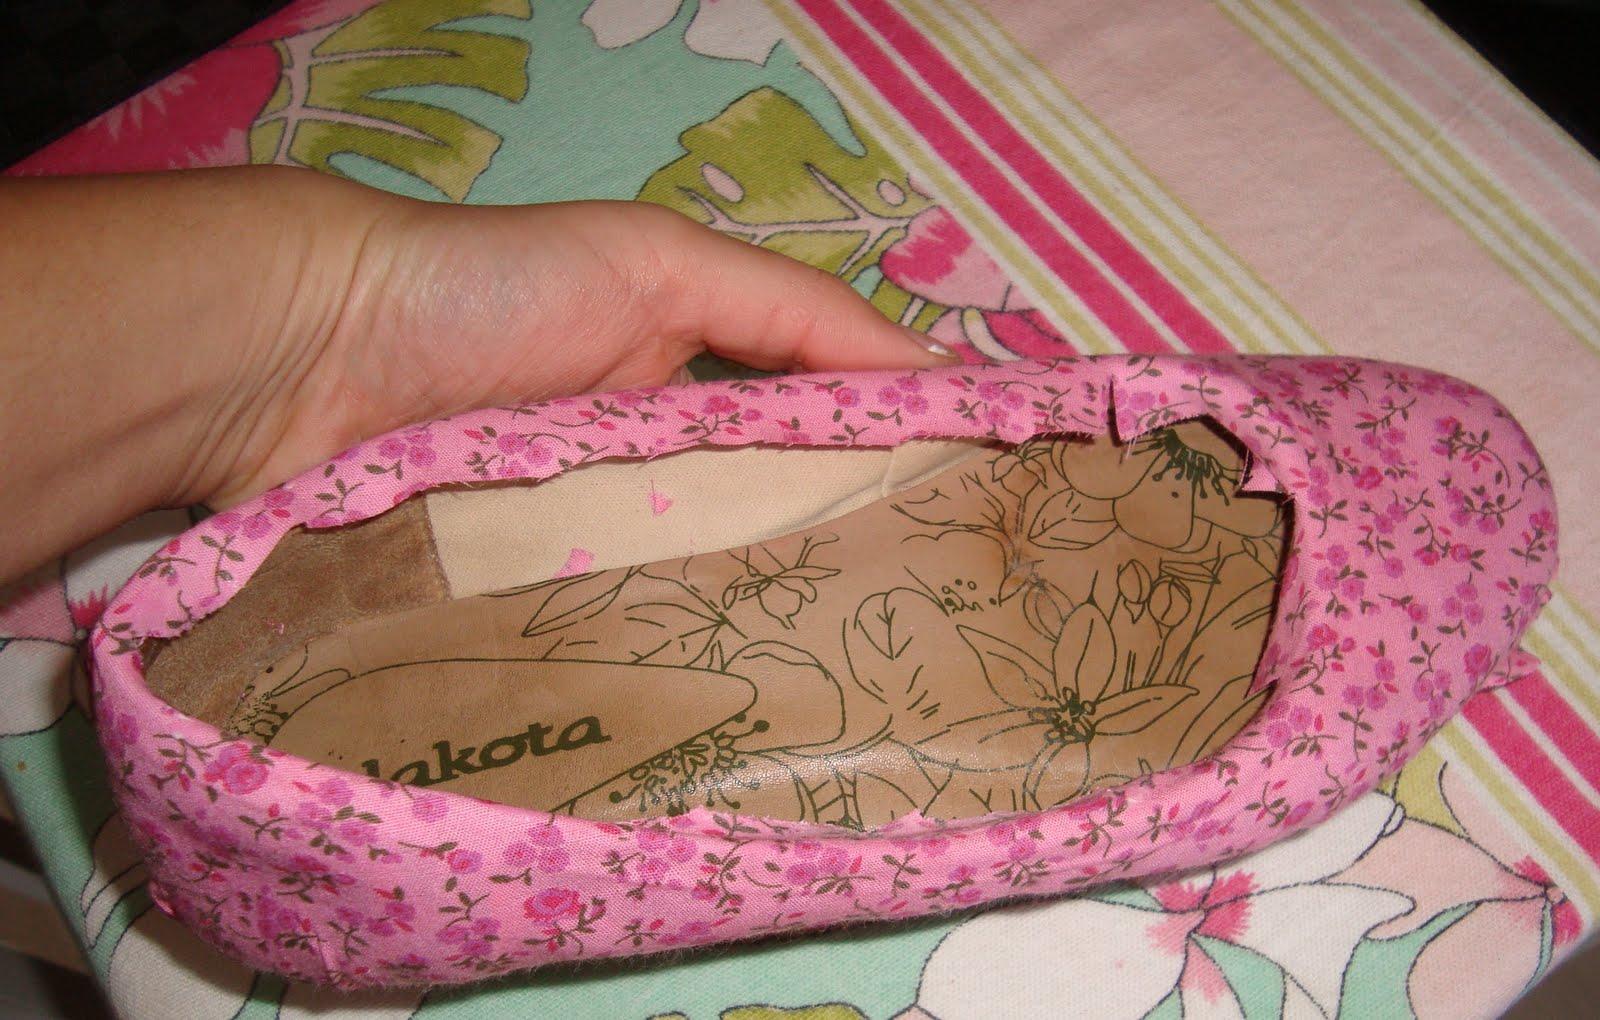 Papel De Parede Adesivo Herois ~ Como renovar uma sapatilha usando tecido u2013 Passo a passo! Artesanatos